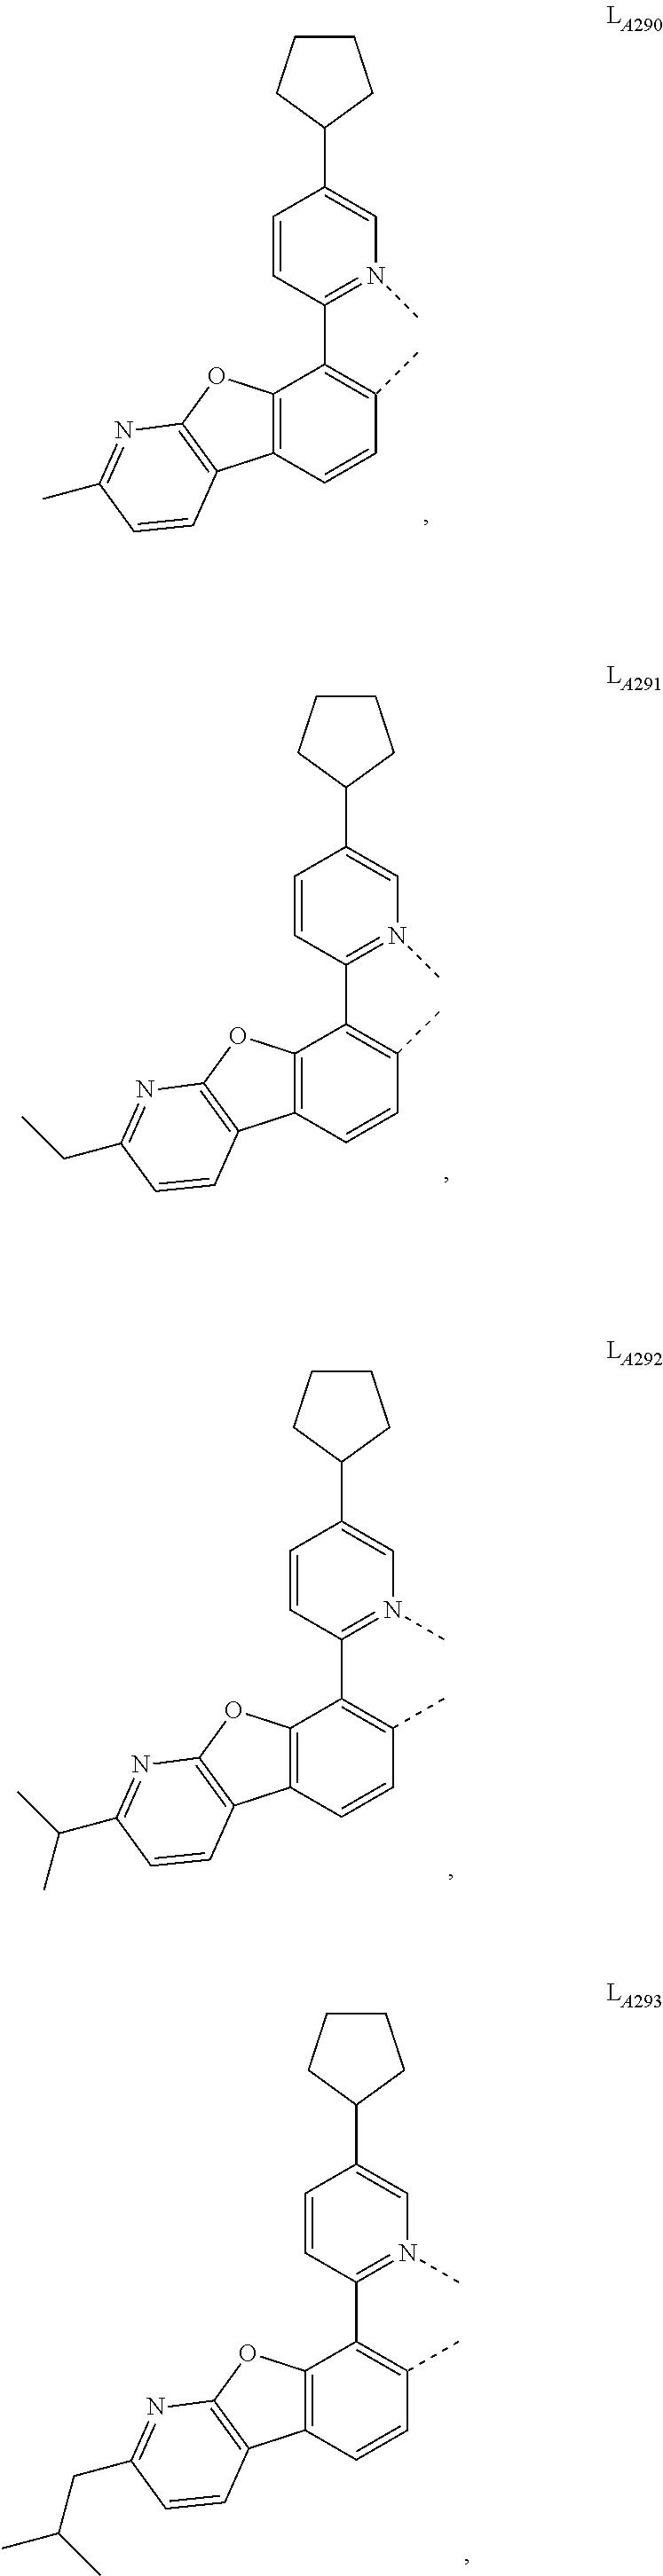 Figure US20160049599A1-20160218-C00077